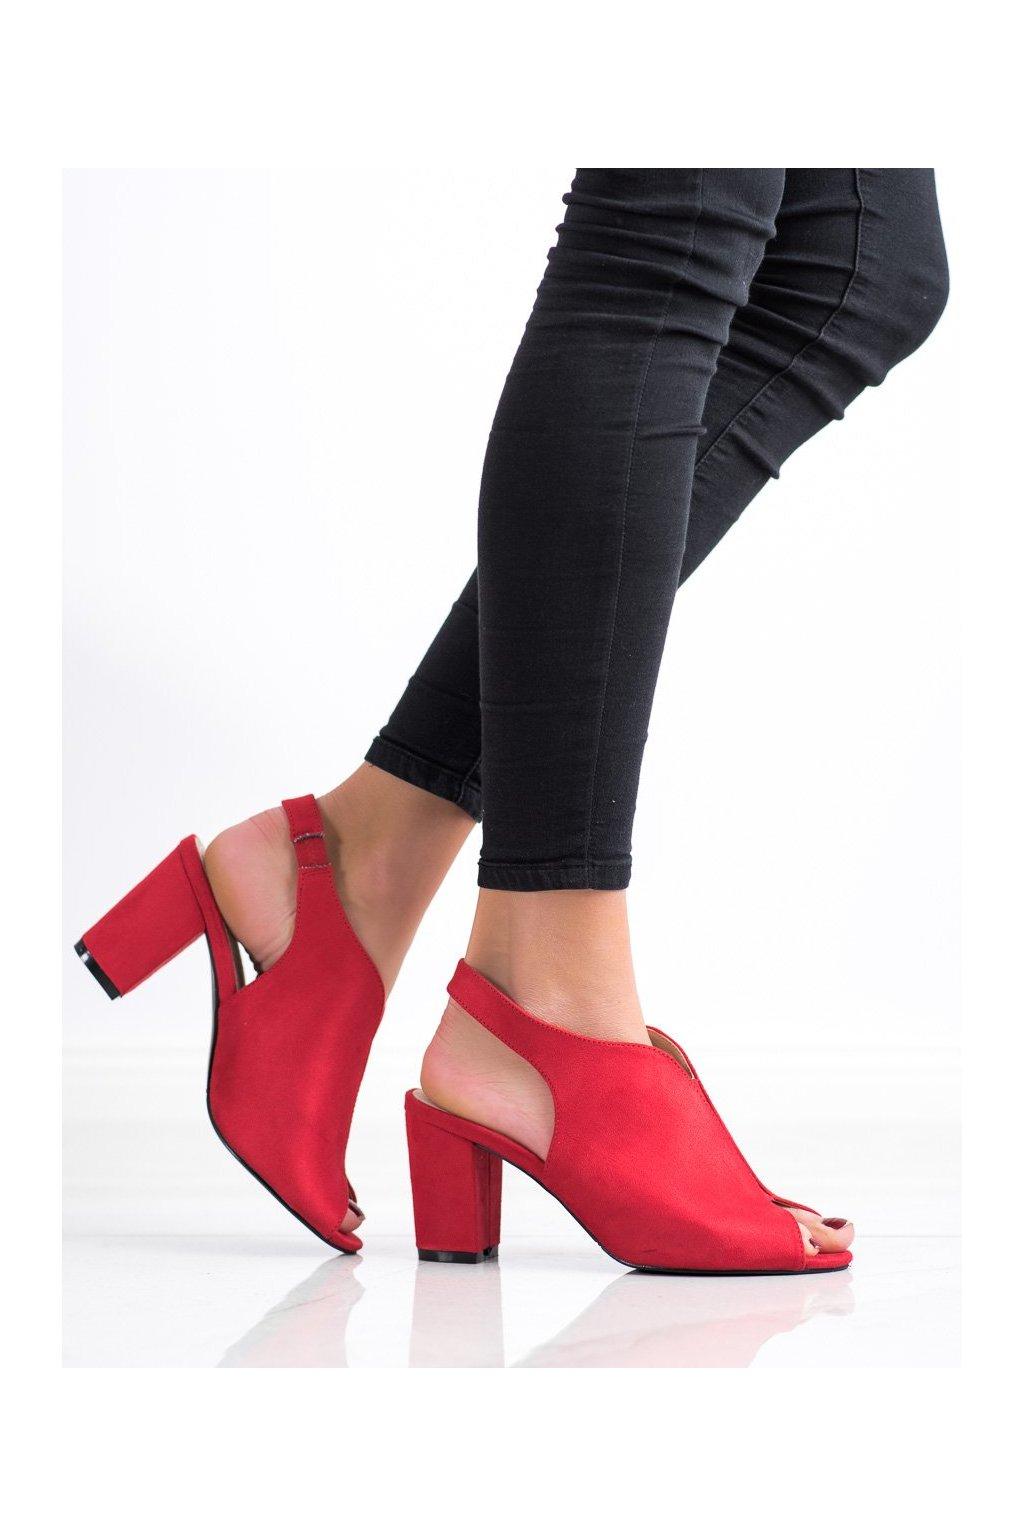 Červené sandále na podpätku Goodin kod GD-FL1503R